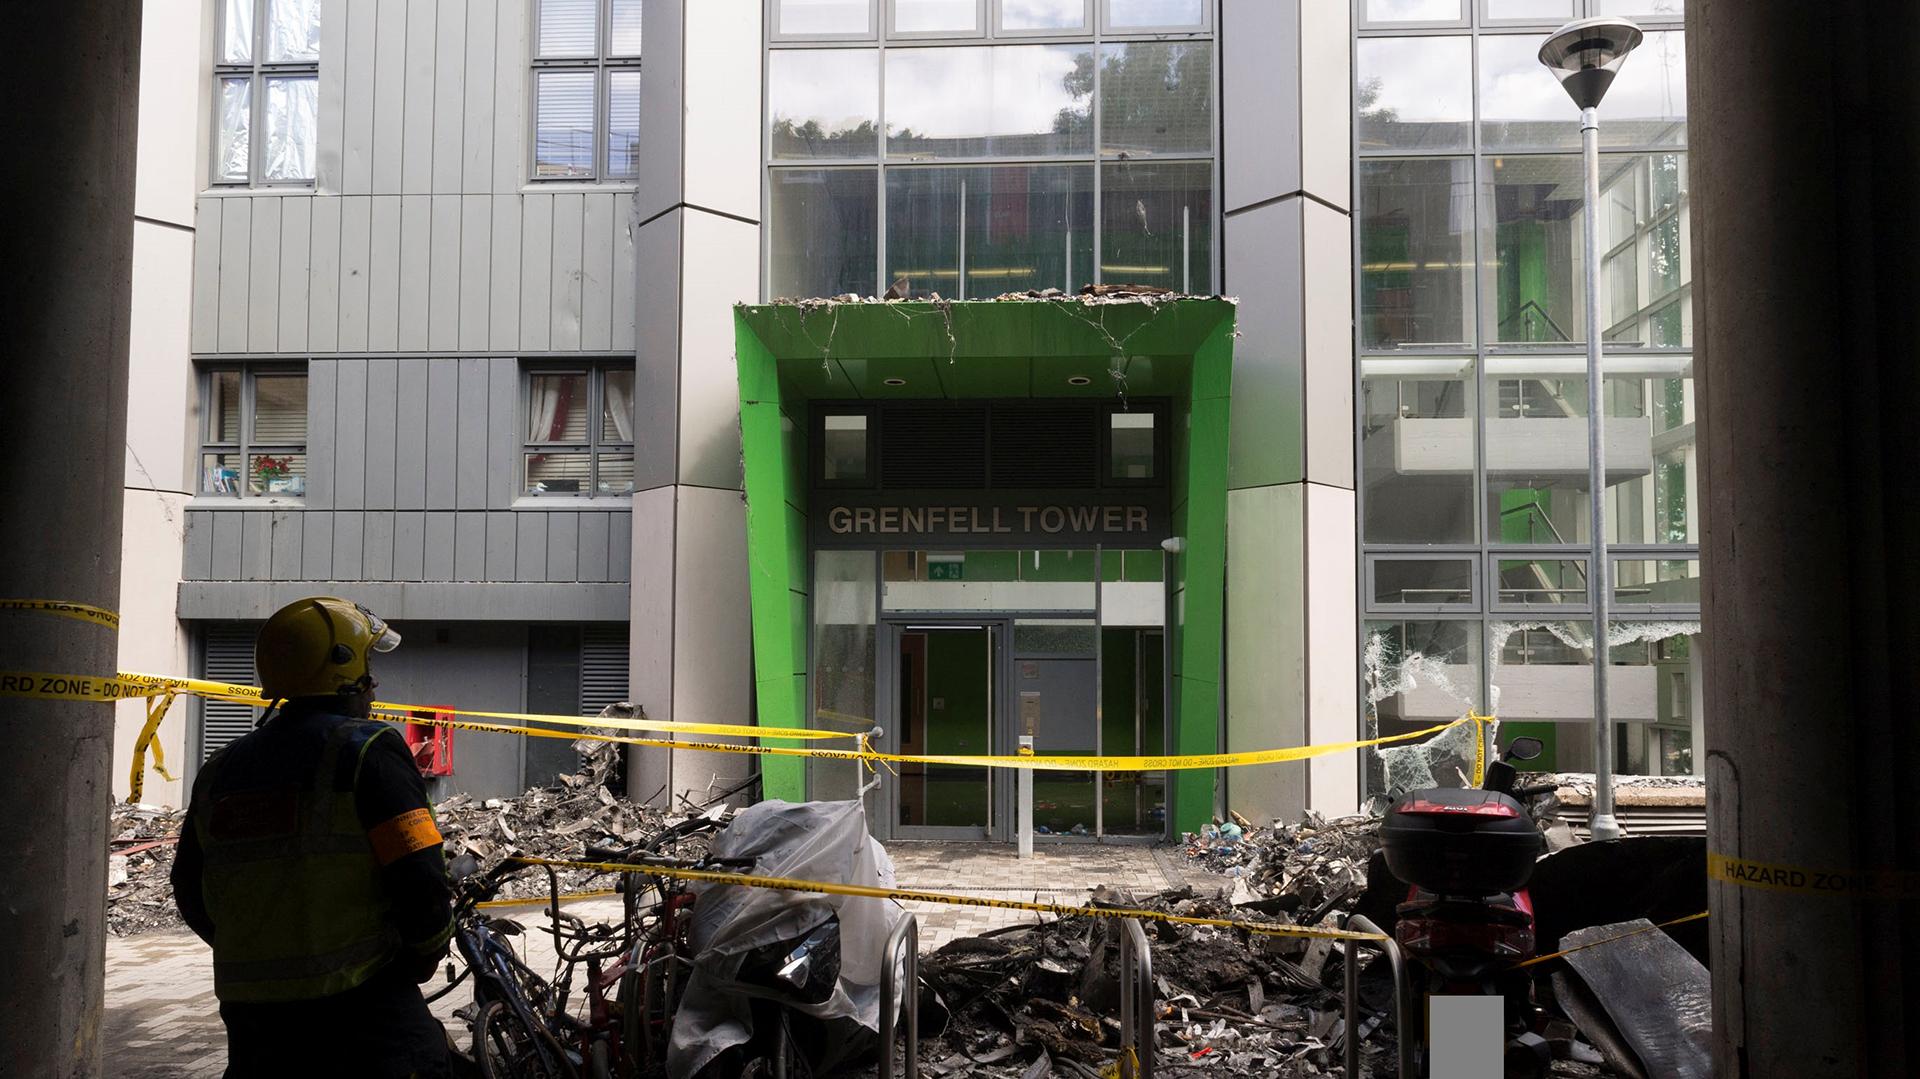 El frente de la torre residencial Grenfell Tower en el barrio de Kensington, cercada por los servicios de emergencia (Reuters)